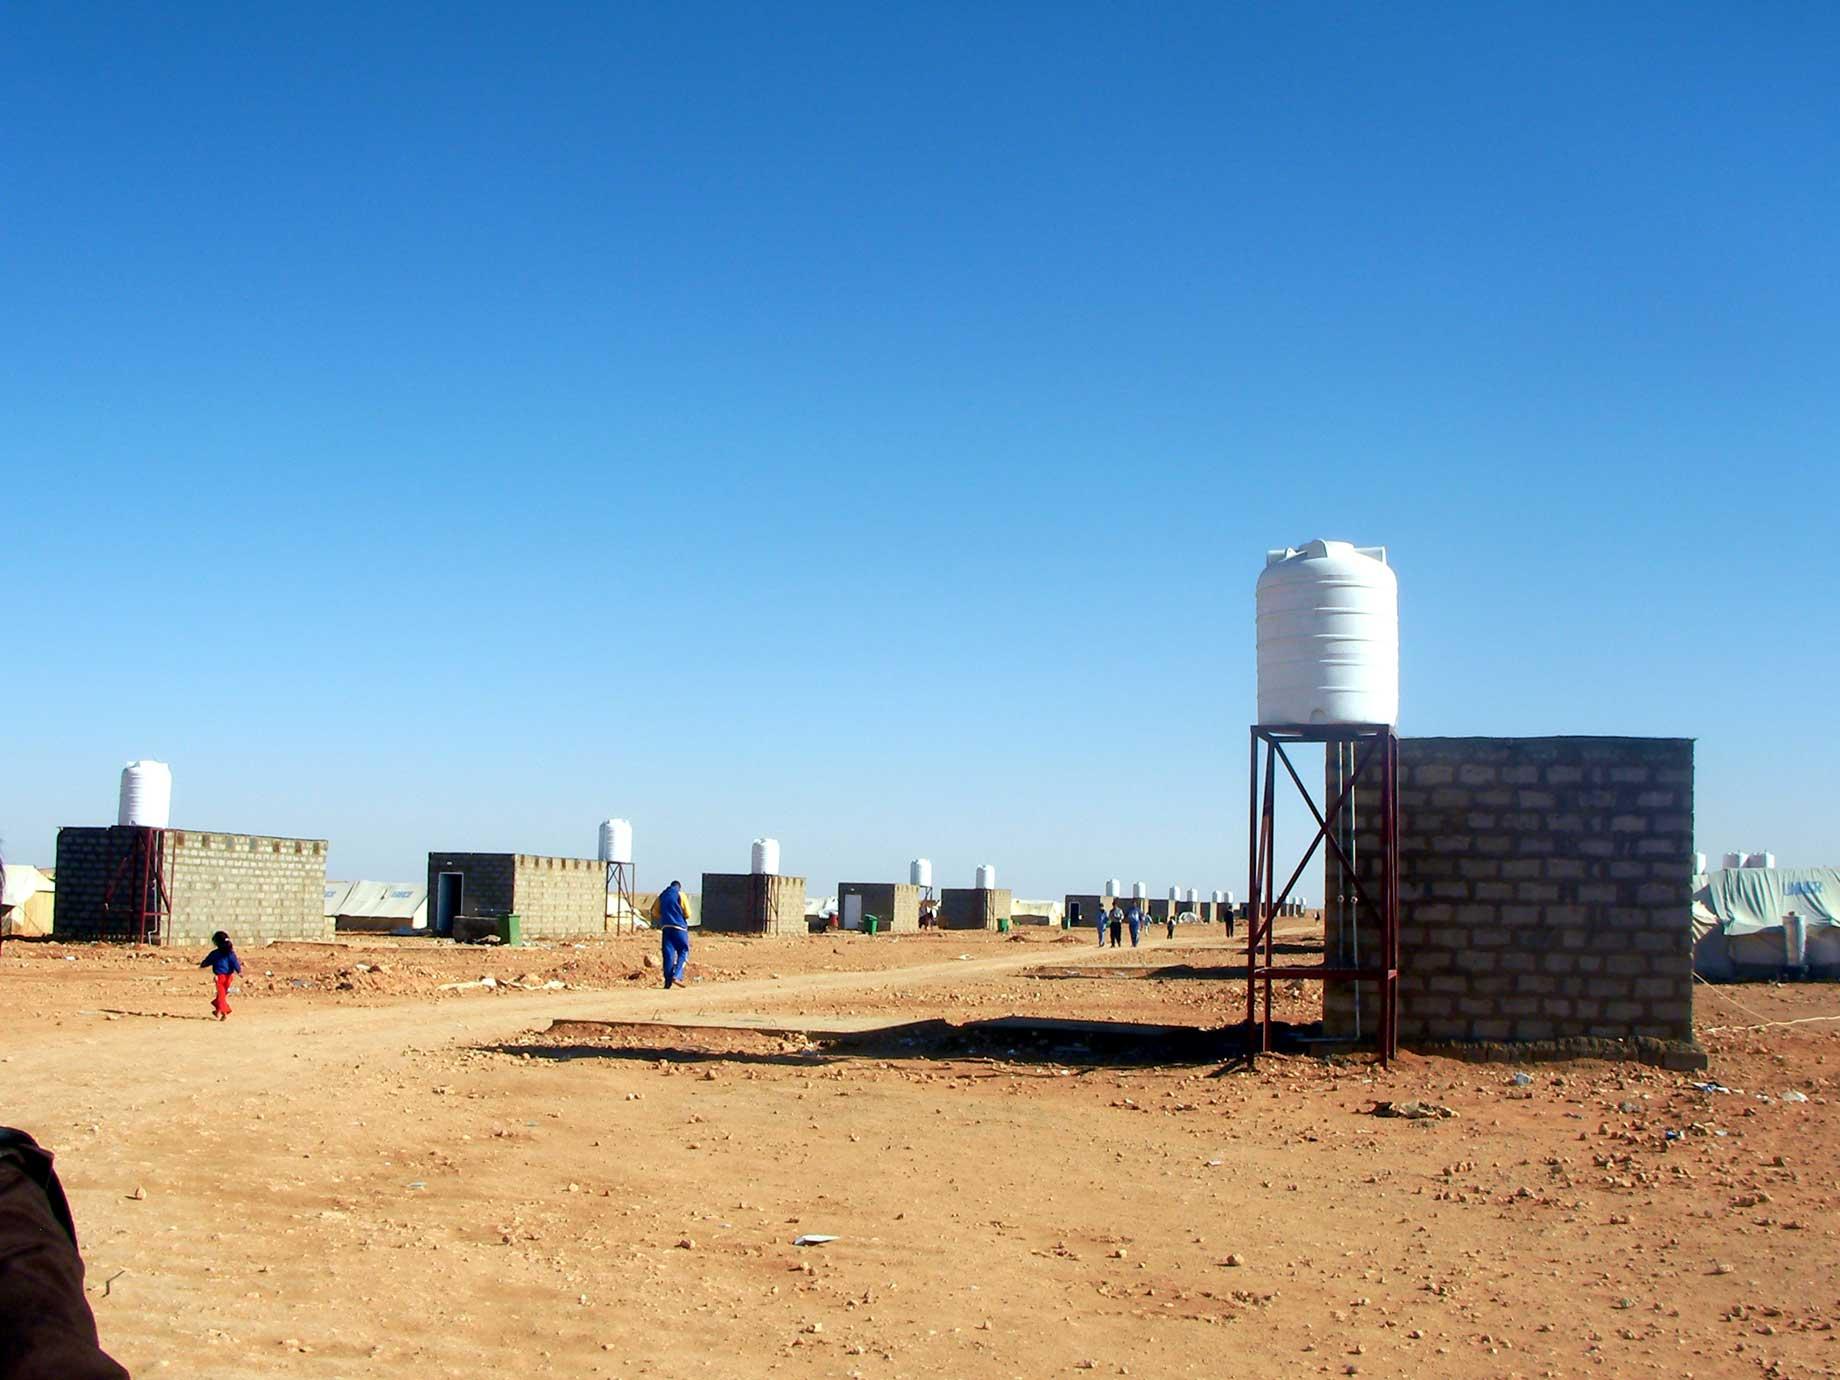 難民キャンプ訪問 その2(シリア・イラク国境)_f0155297_6501644.jpg